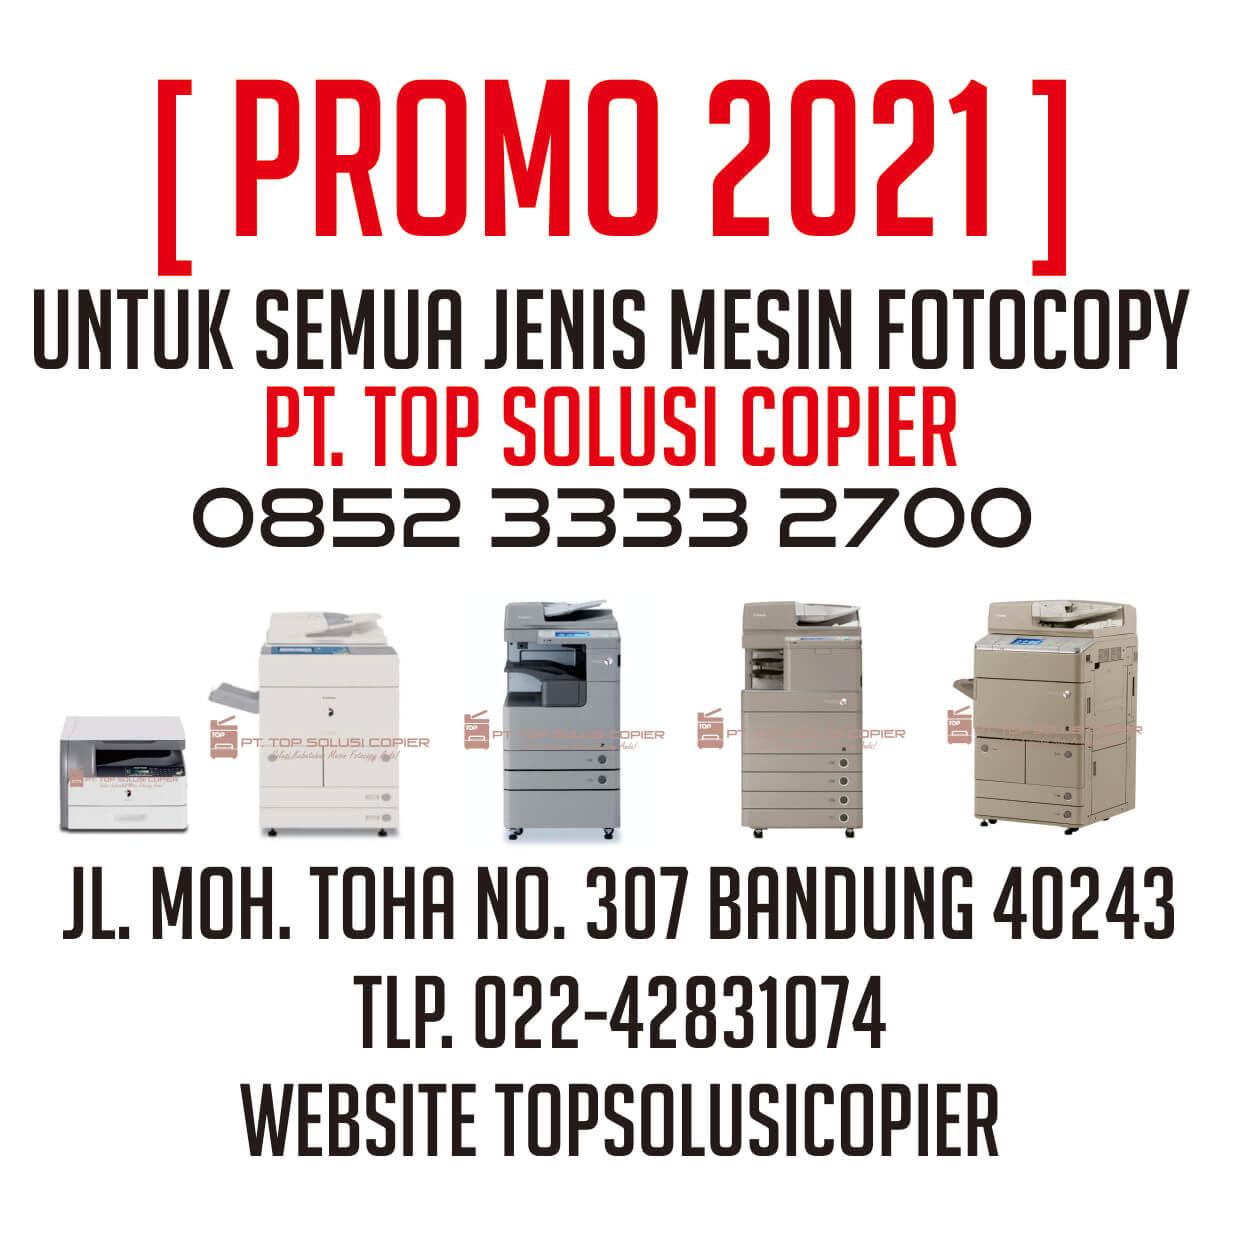 mesin fotocopy murah 2021